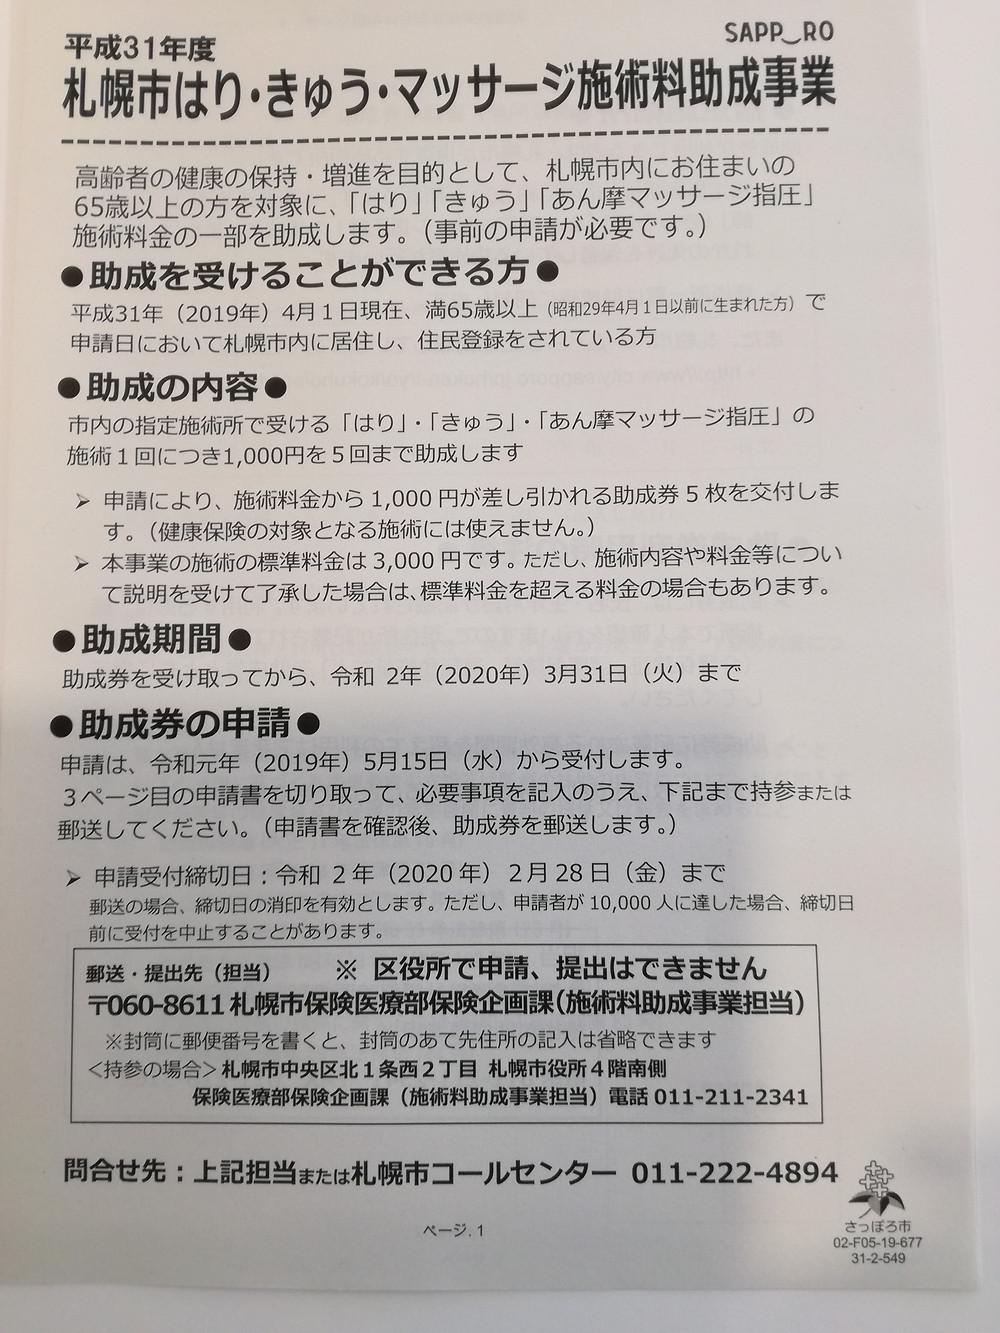 札幌市はりきゅうマッサージ施術料助成事業